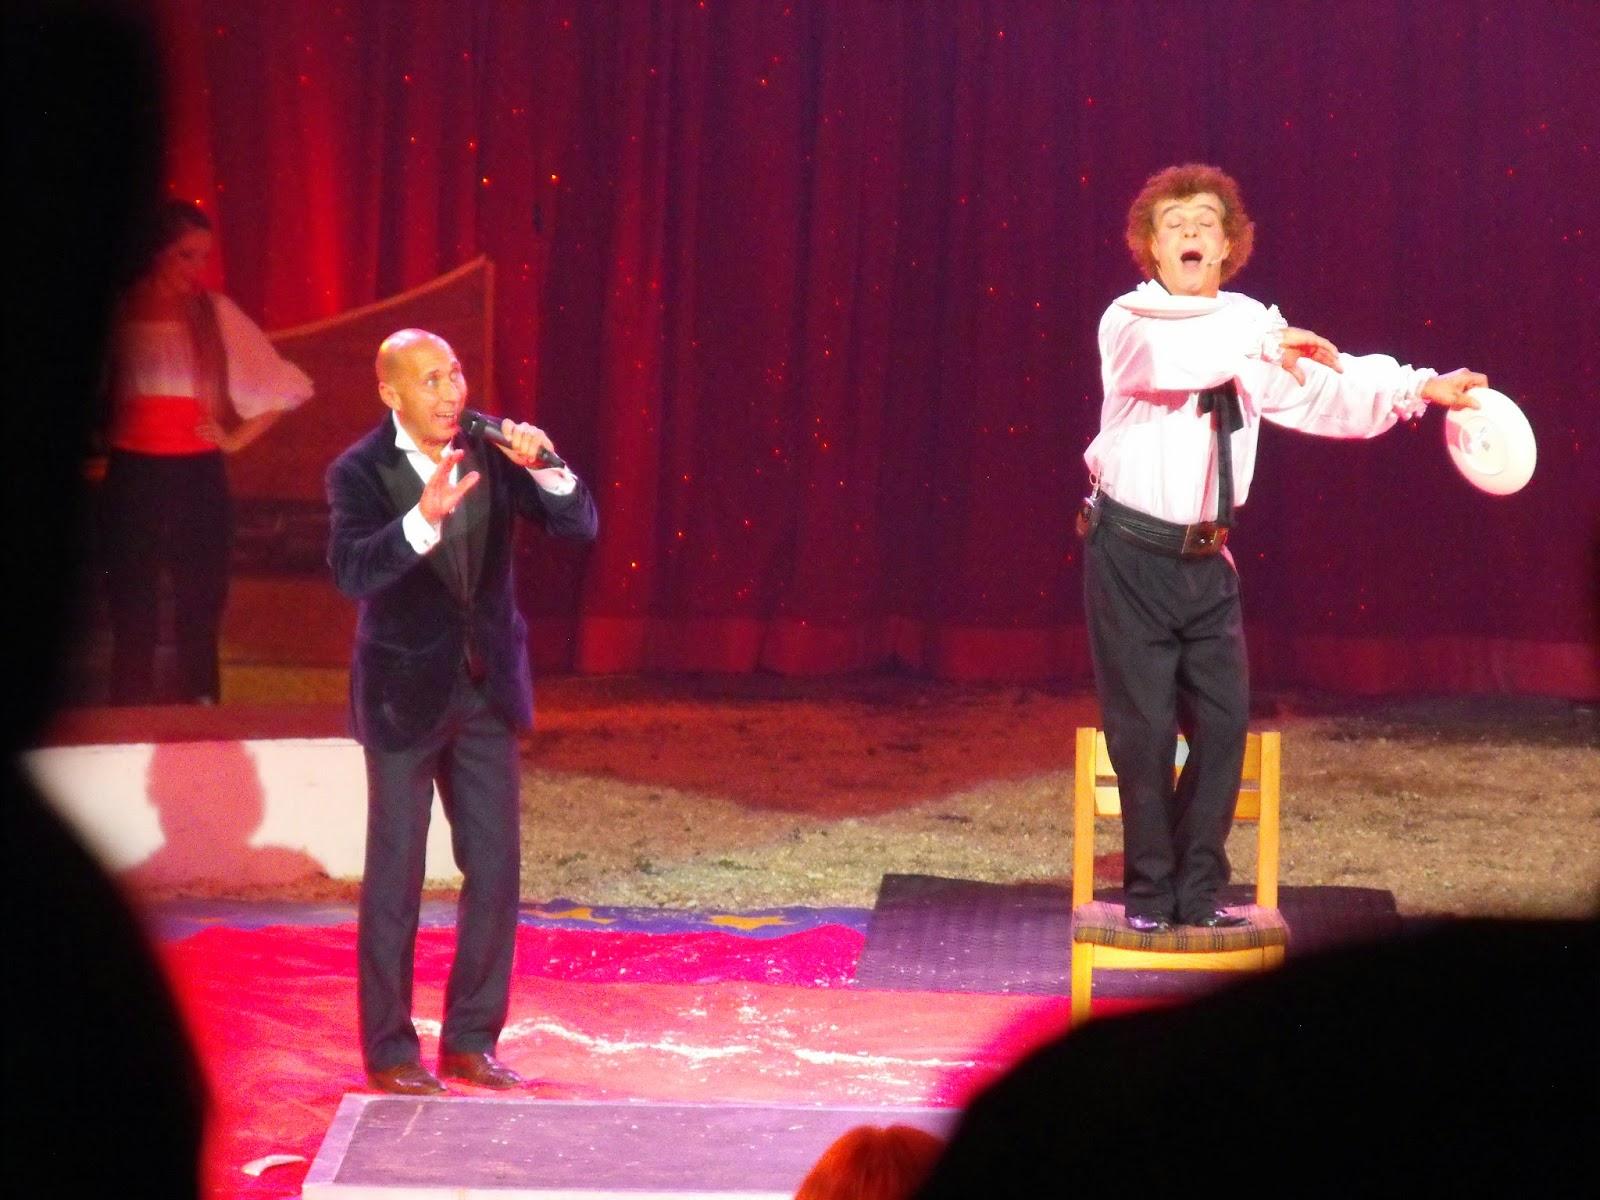 Cirkus Scott, Cirkus scott och piraterna, #CirkusScott, Hässleholm, Cirkus hässleholm, sösdala, glädje i hjärtat, cirkus glad, #Hlm100